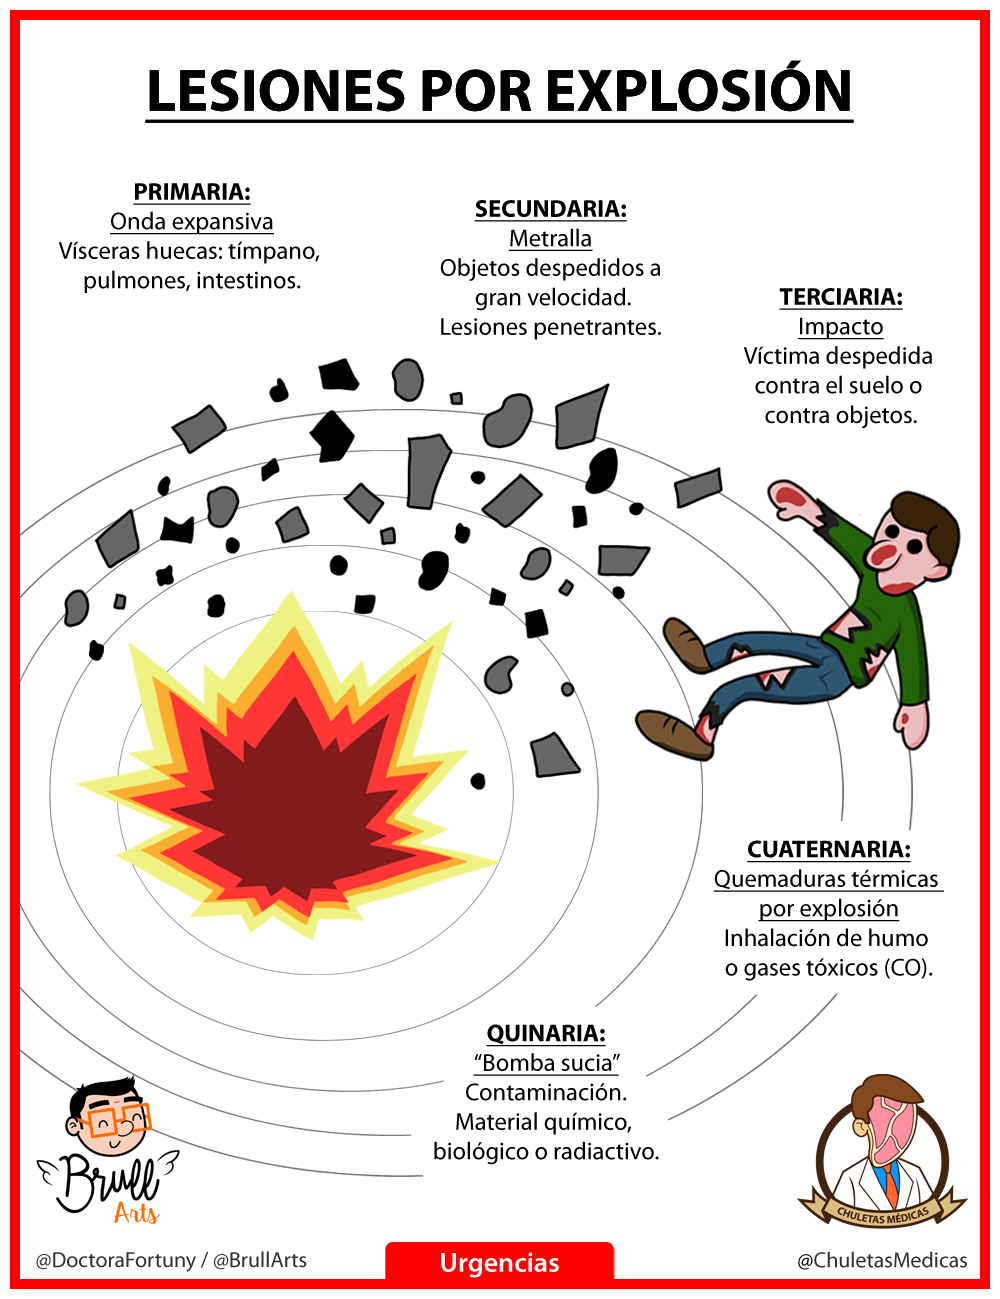 Lesiones por Explosión Chuleta